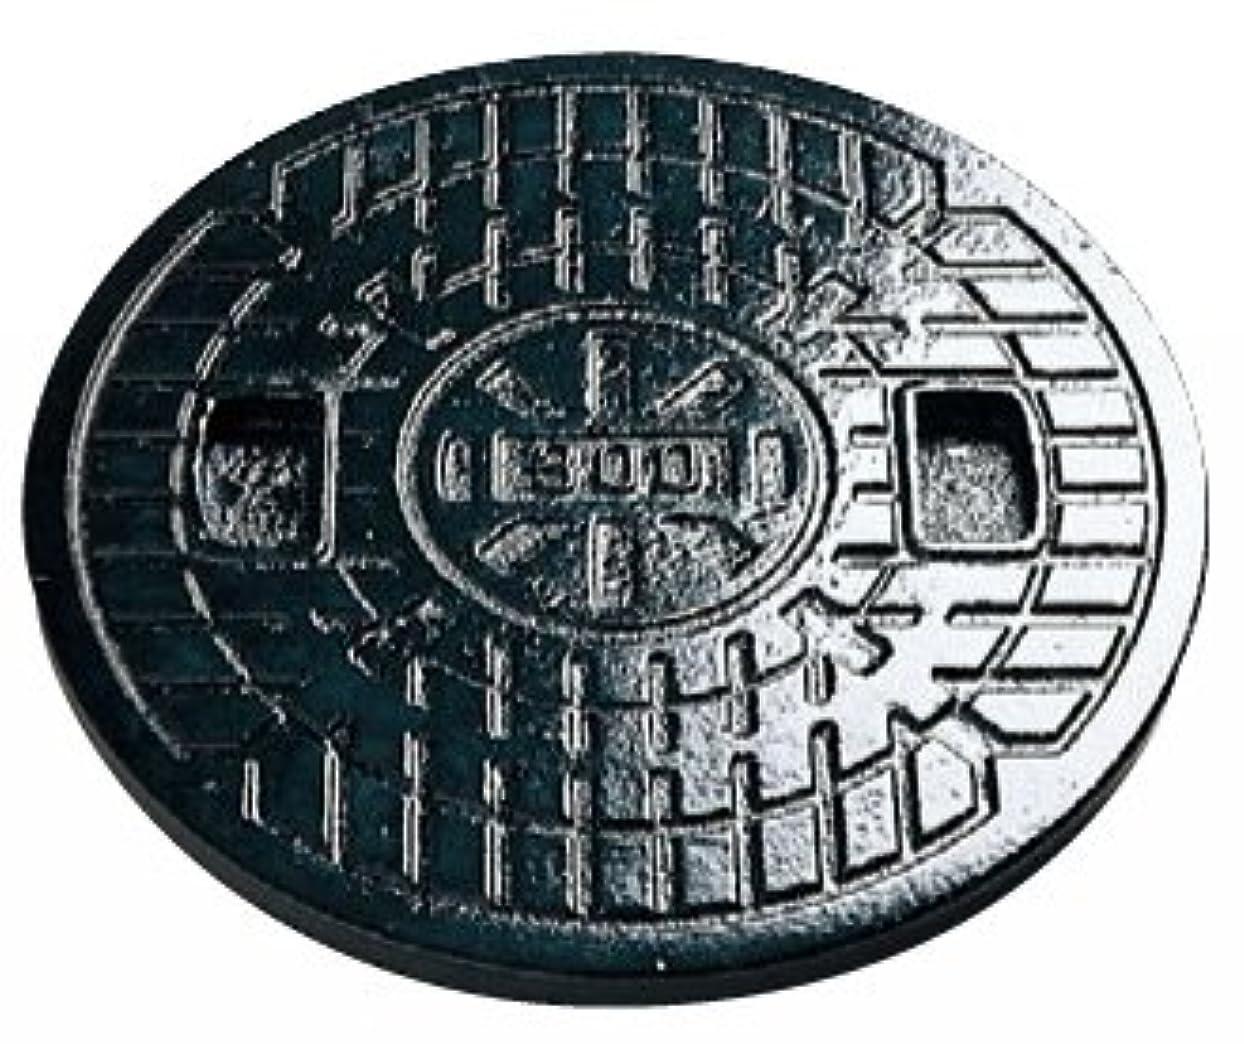 まぶしさギャラントリー理解マンホール 鋳鉄製雨水蓋 300型(直径328mm) F300(穴なし) アロン化成